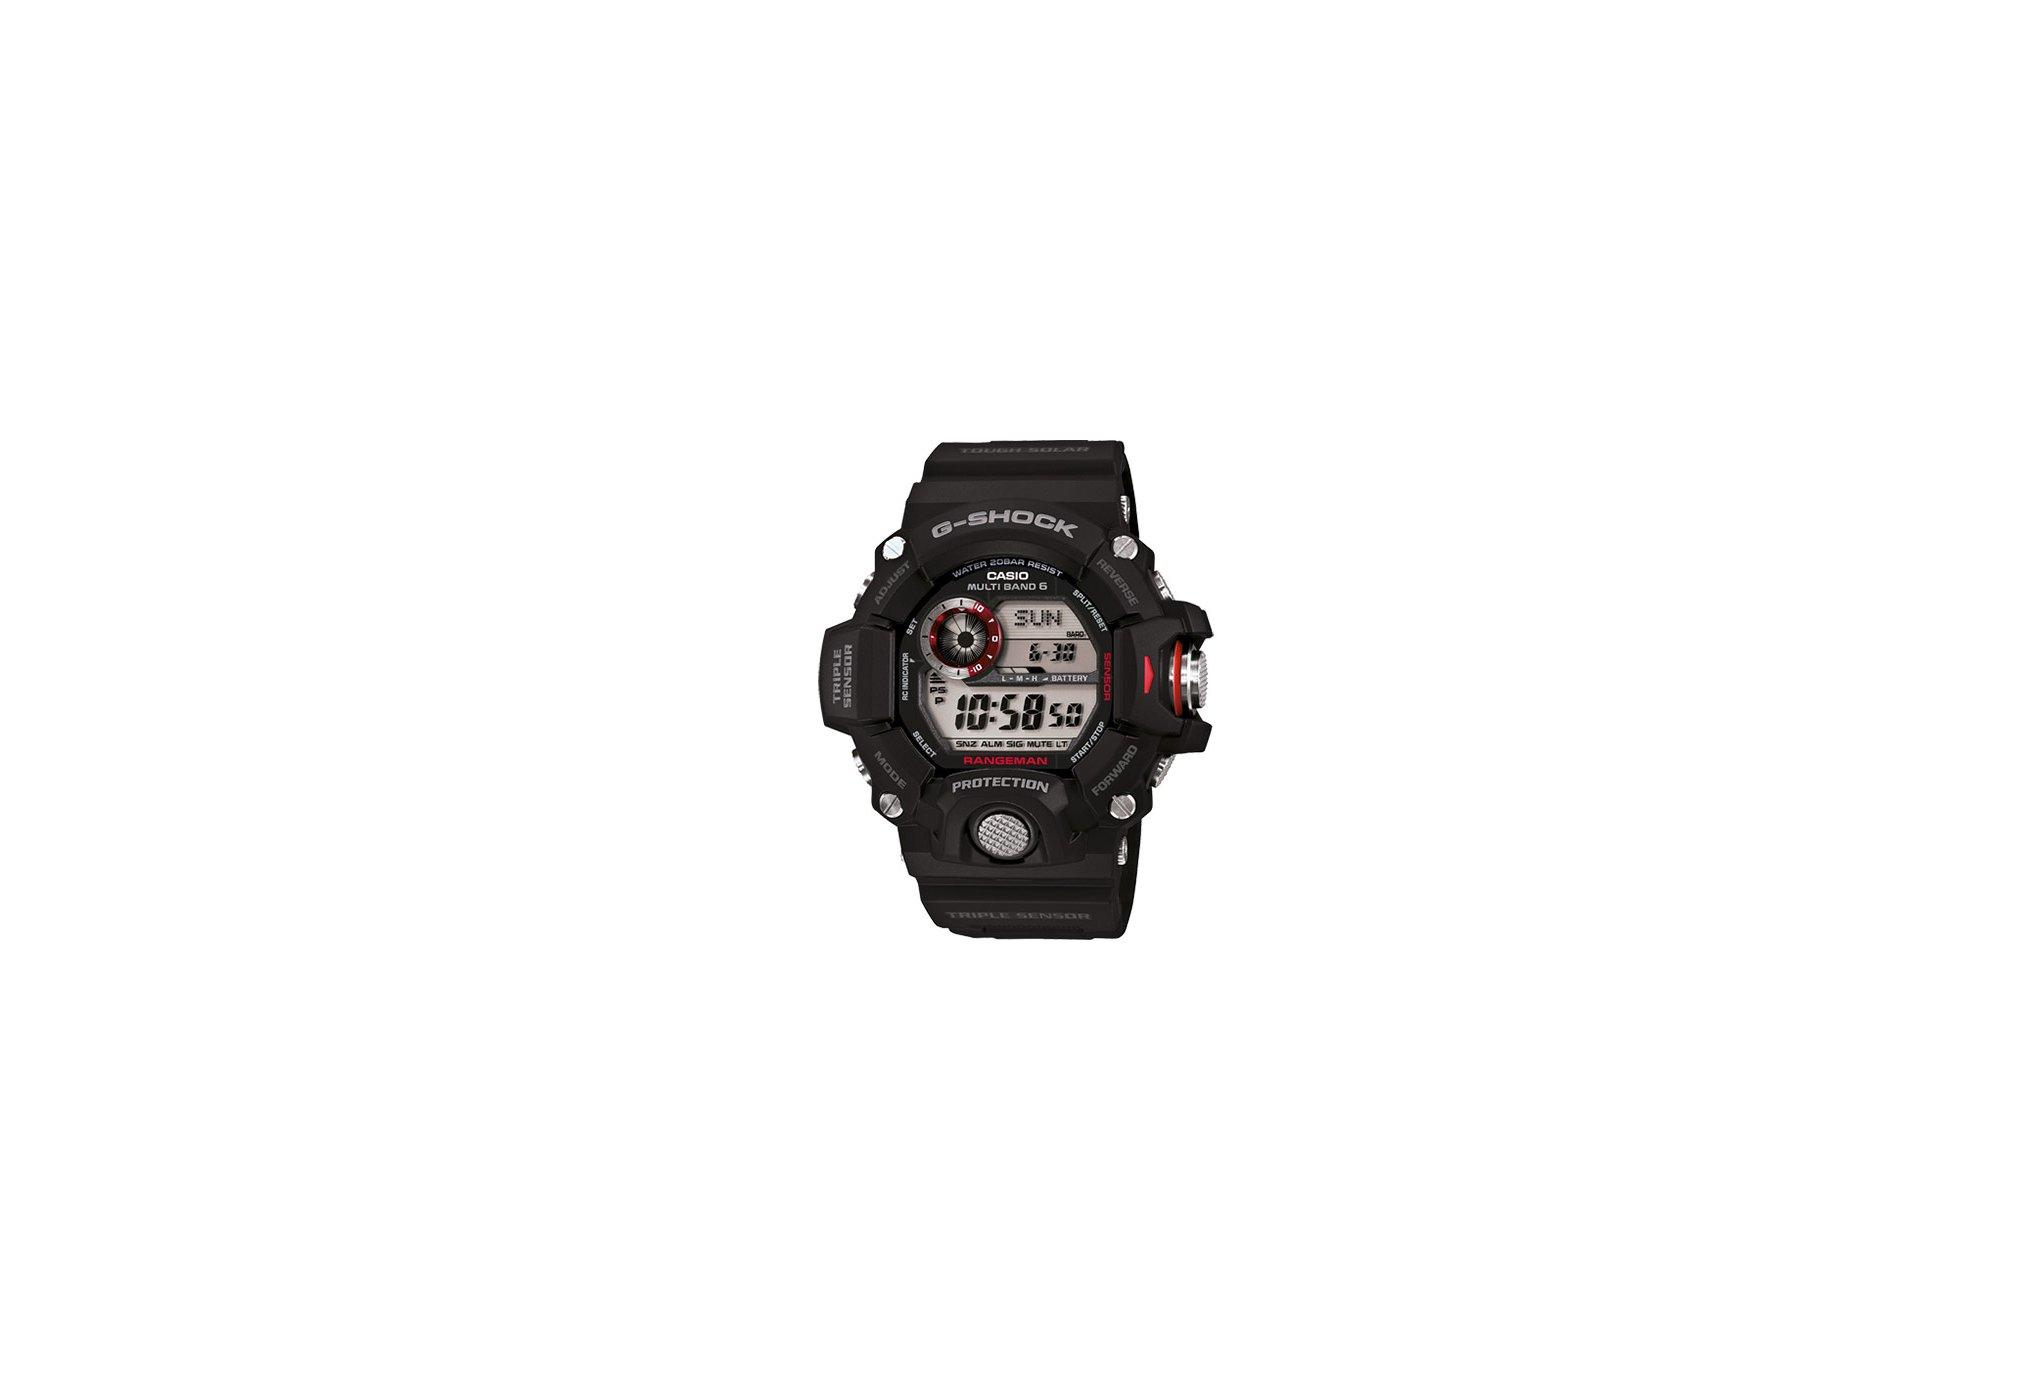 Casio G-SHOCK Mudmaster Rangeman GW-9400 Montres de sport